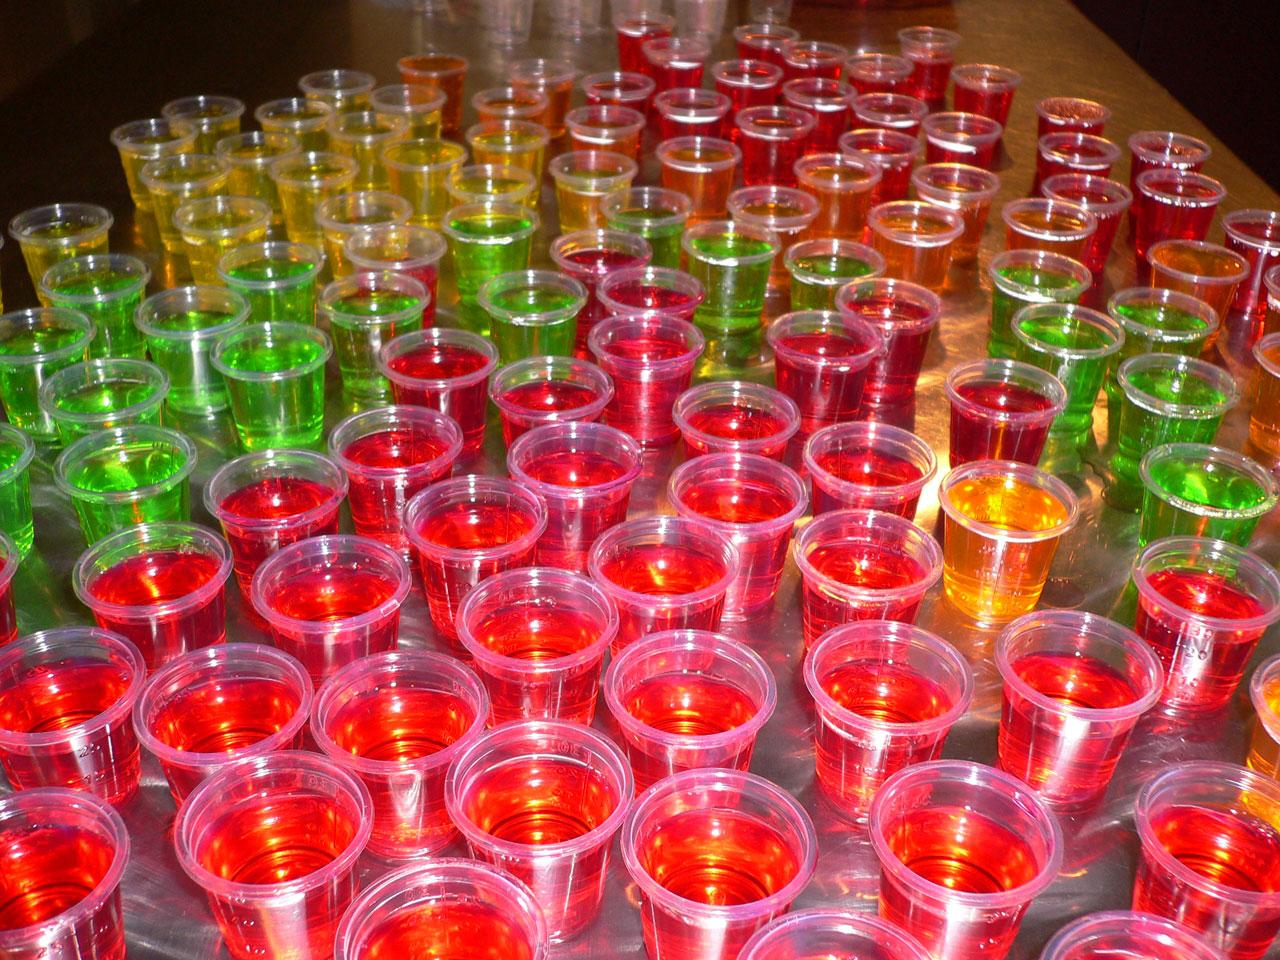 vodka_large%2Bshots.jpg